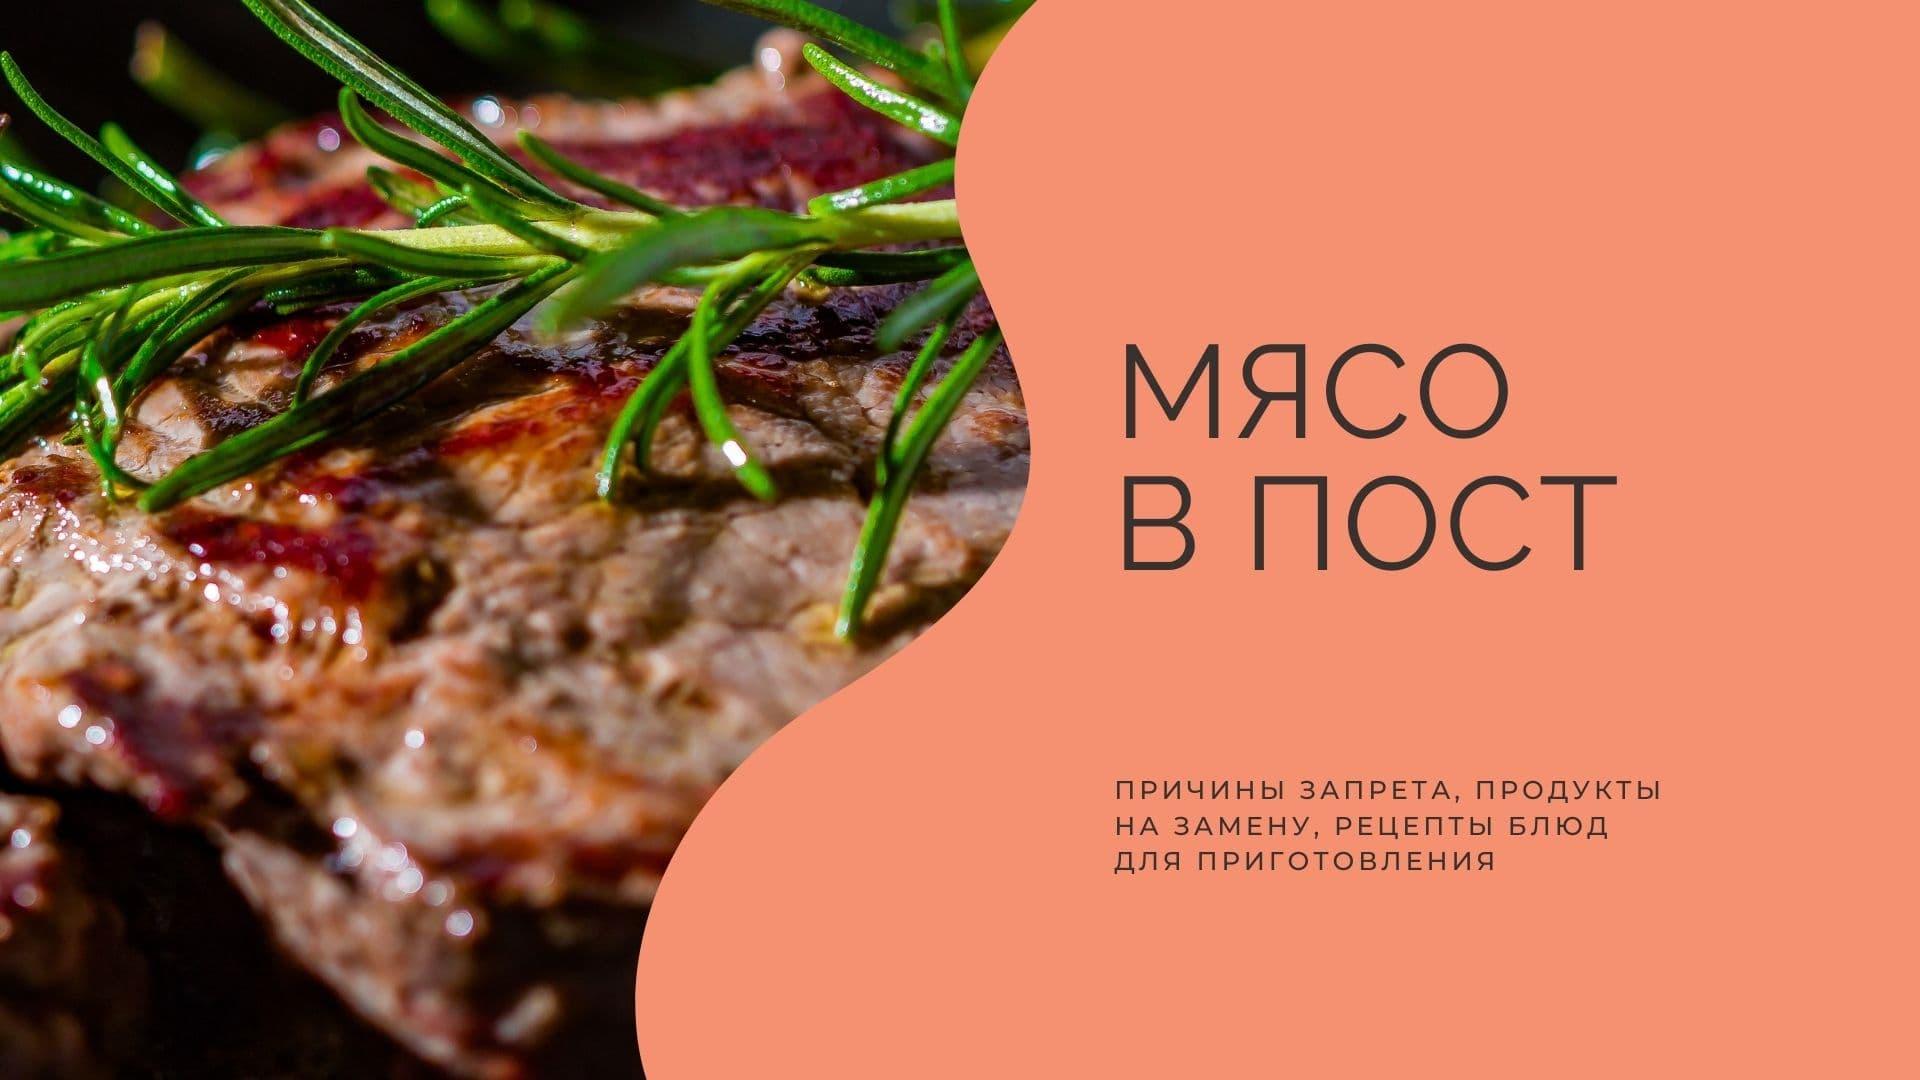 Мясо в Пост: причины запрета, продукты на замену, рецепты блюд для приготовления